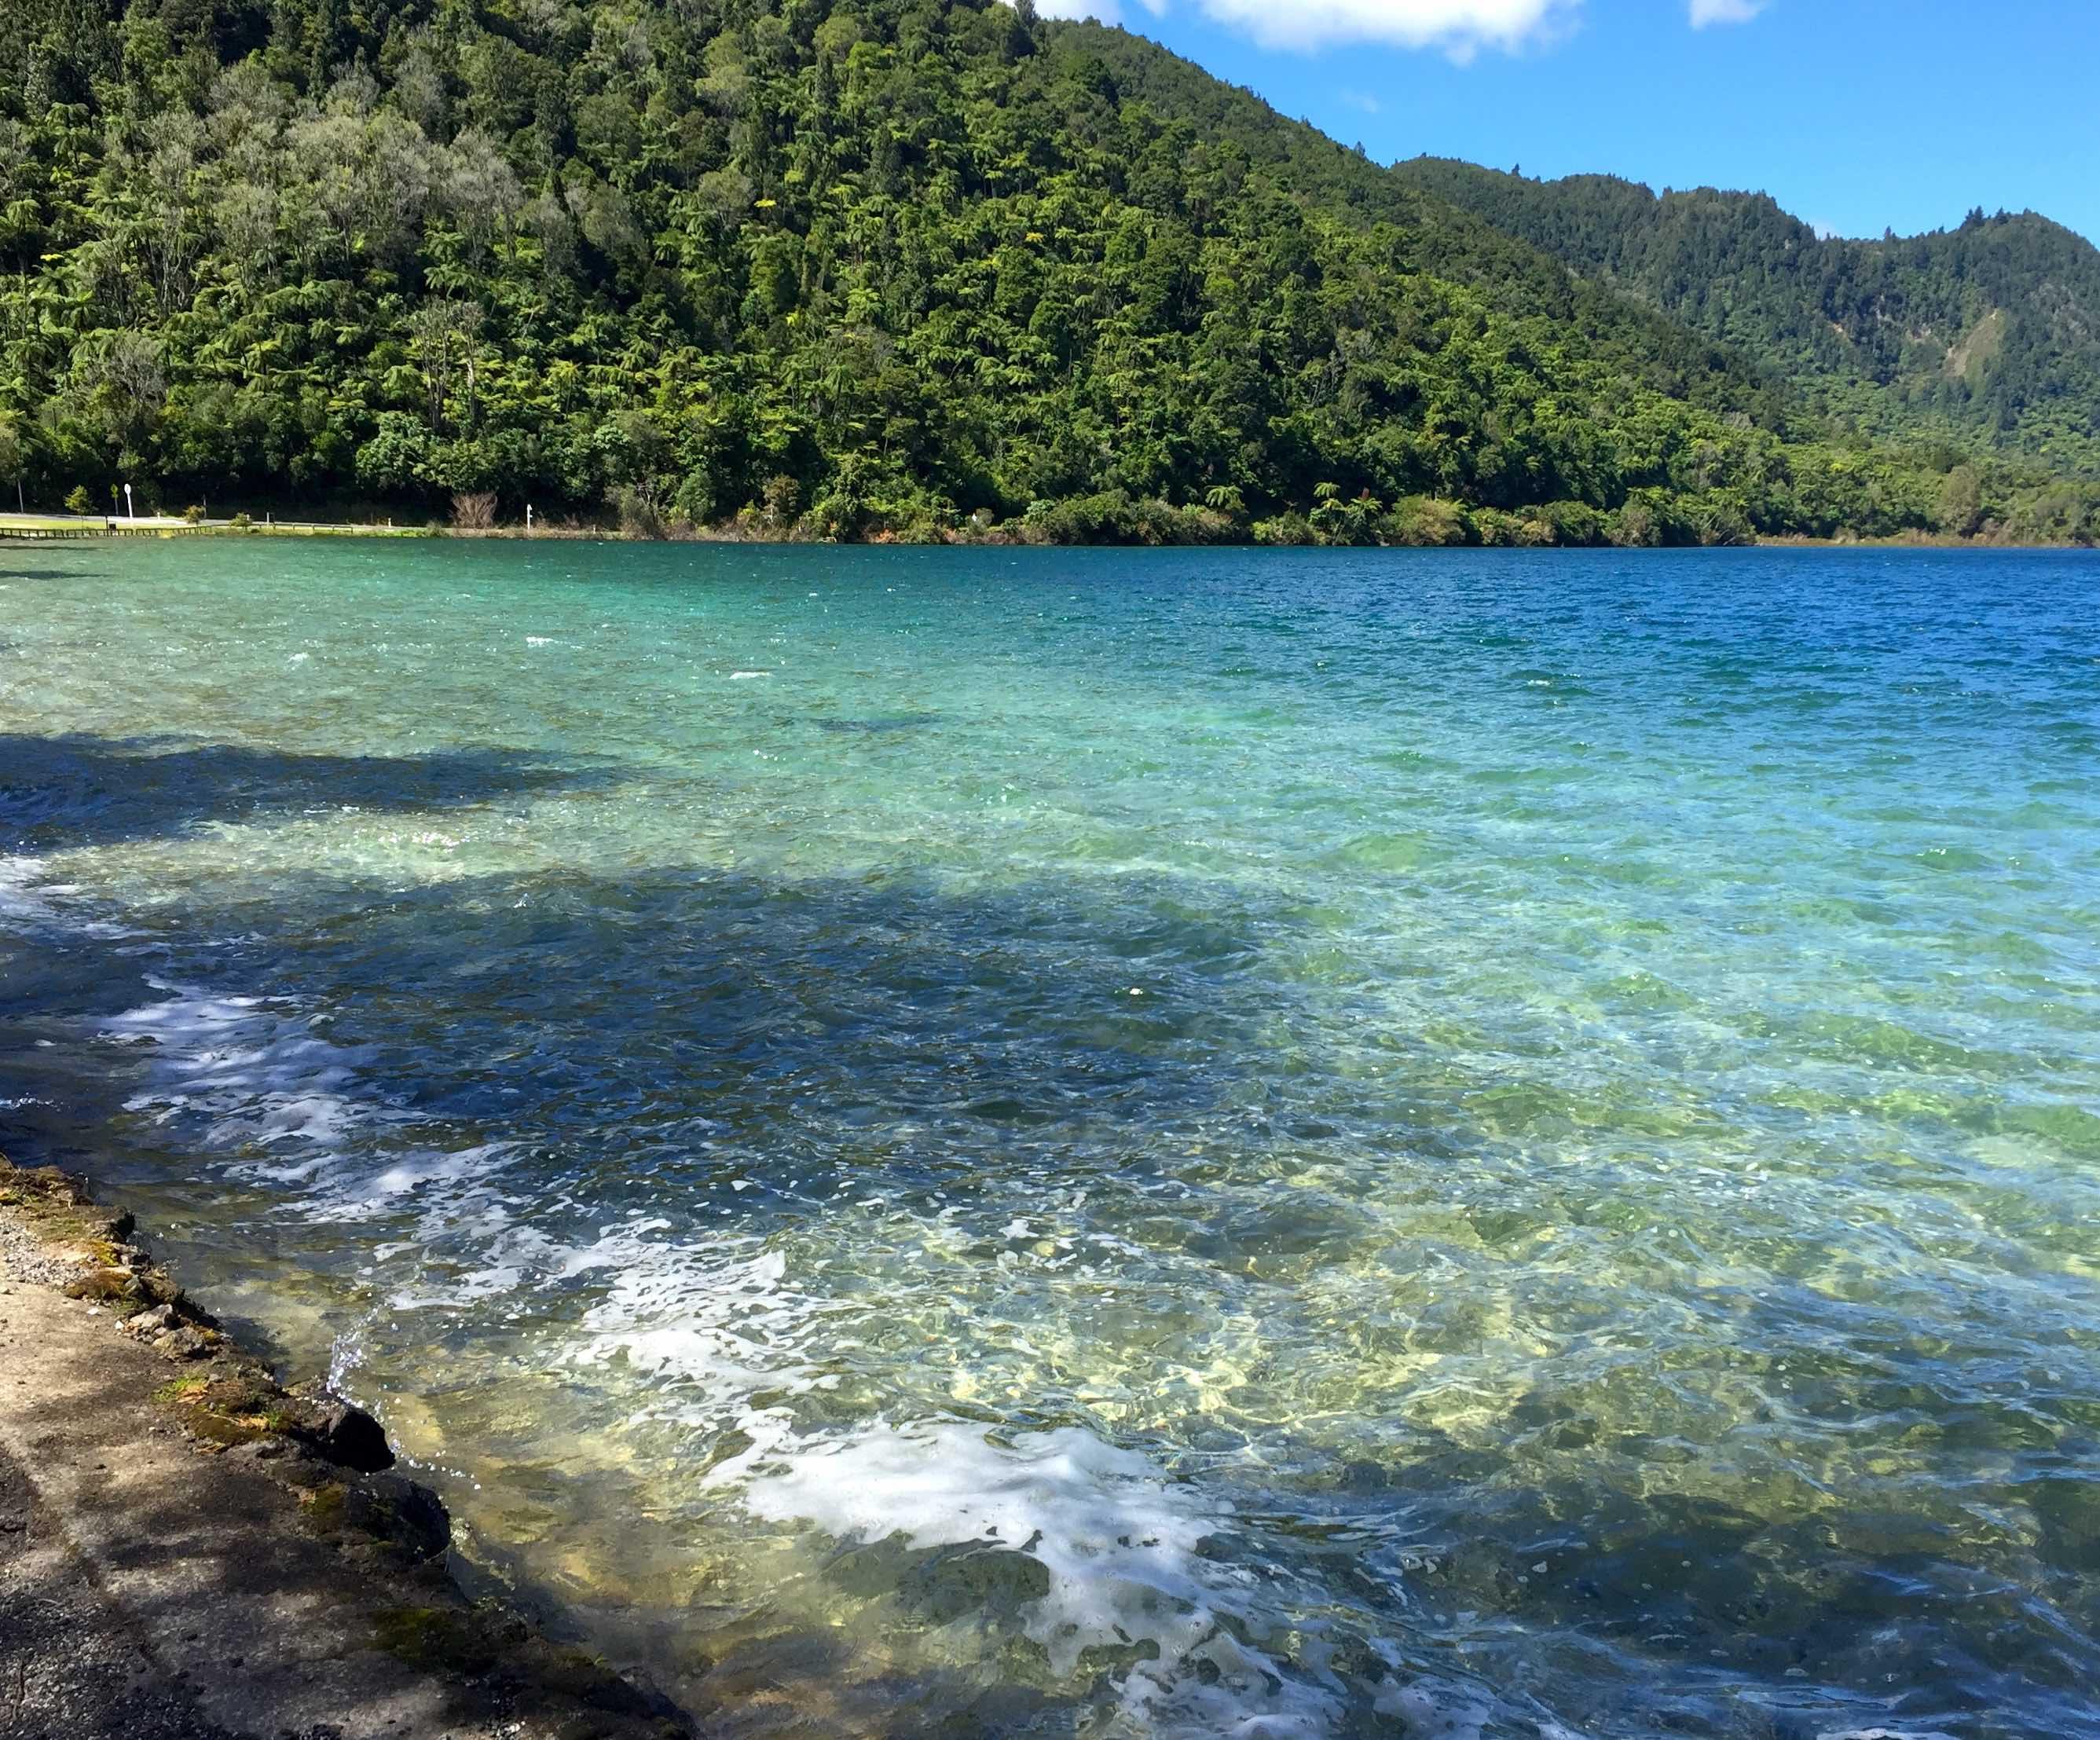 透き通った美しい湖面